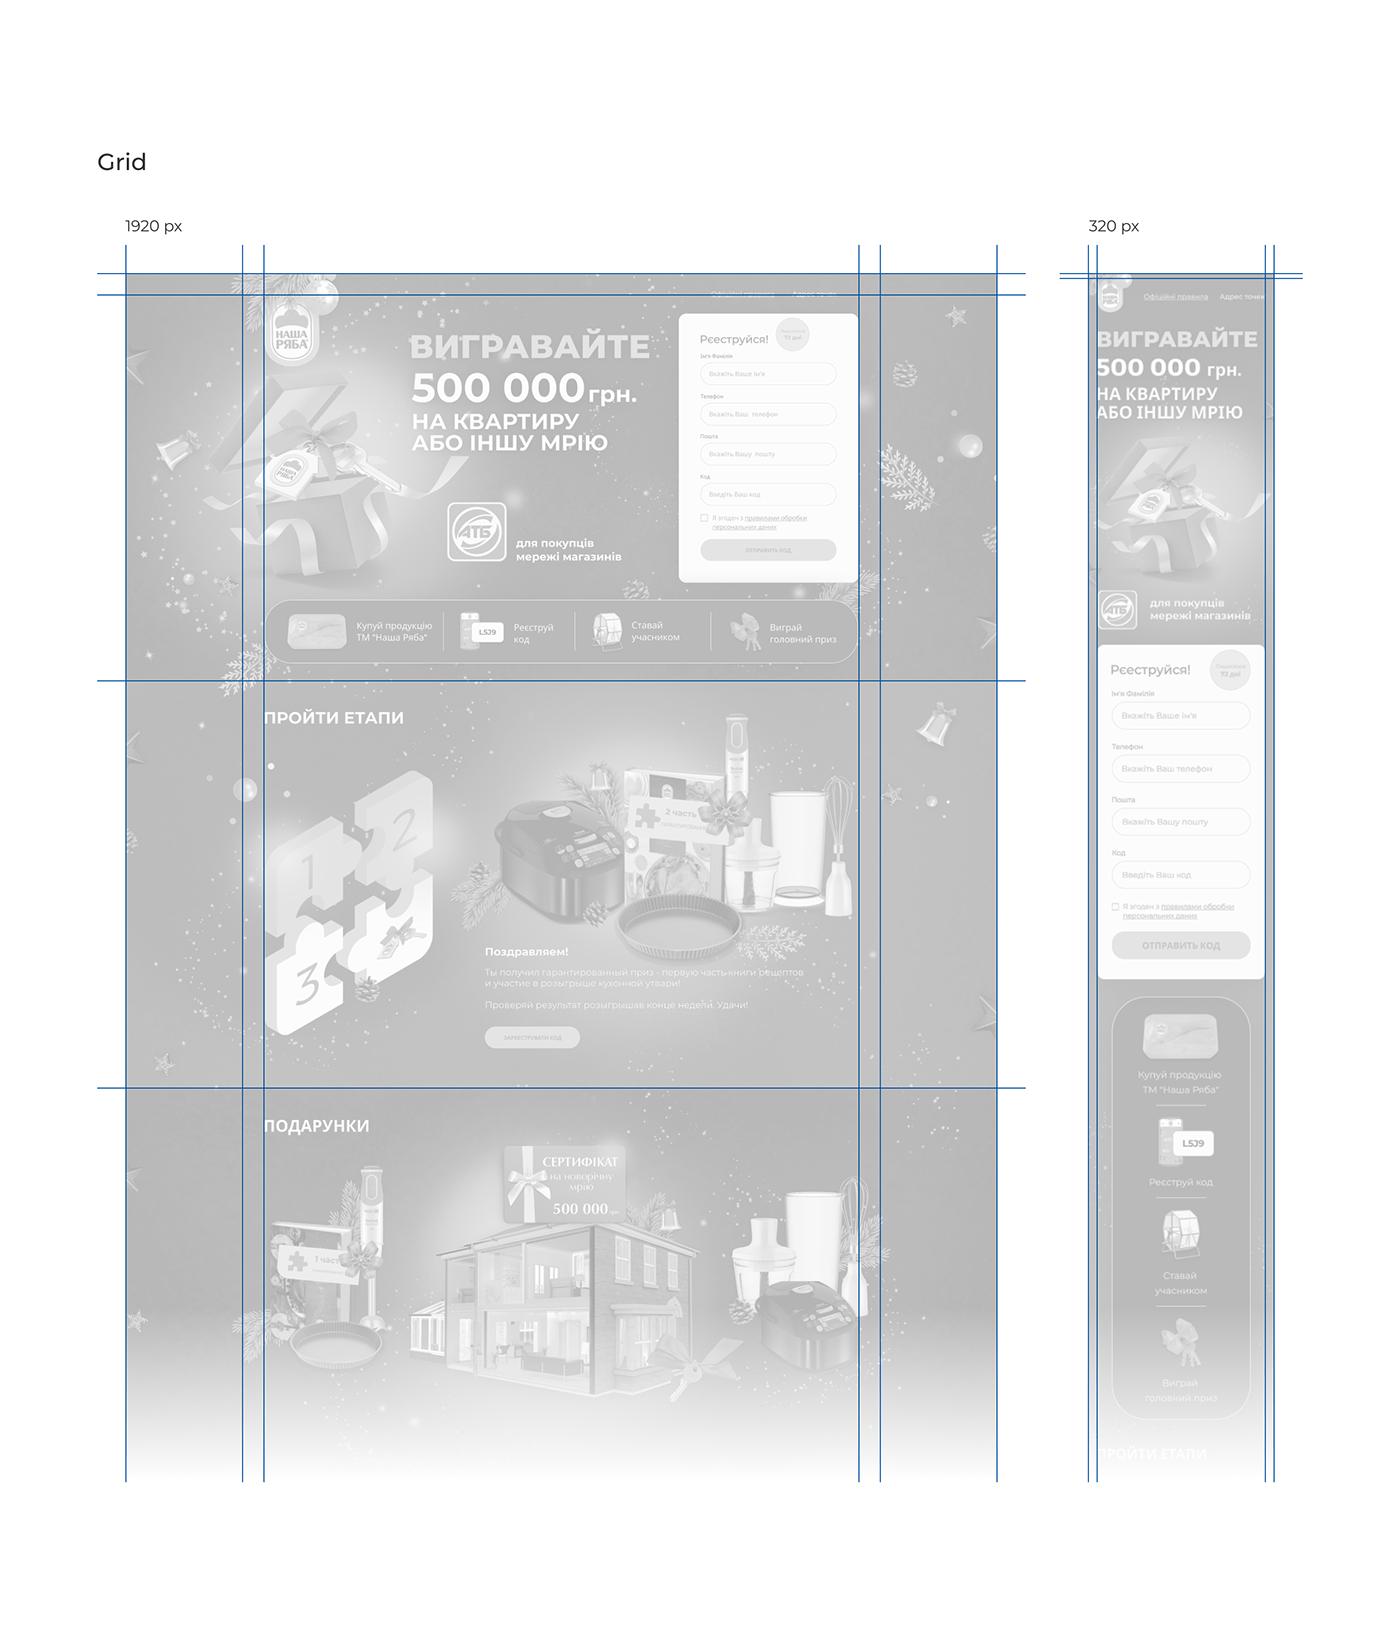 celebration development Interface nasha ryaba New Year Promotion score site UI/UX web-design winter